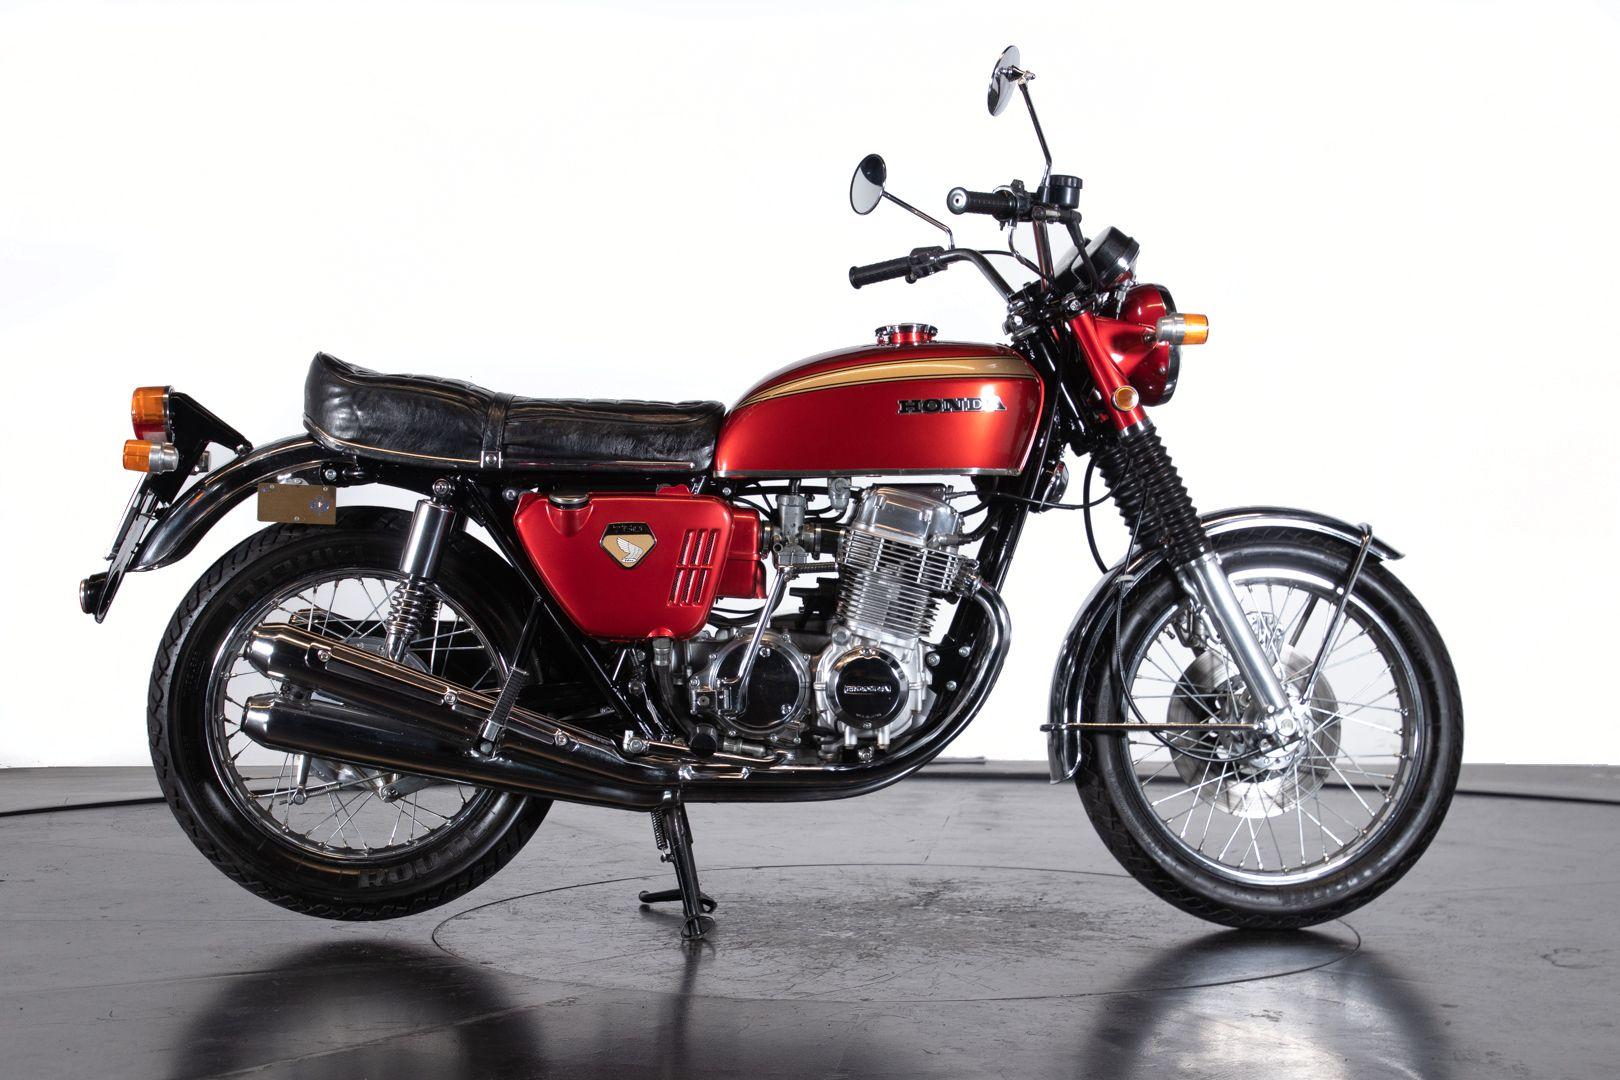 1970 HONDA CB 750 K0 56003